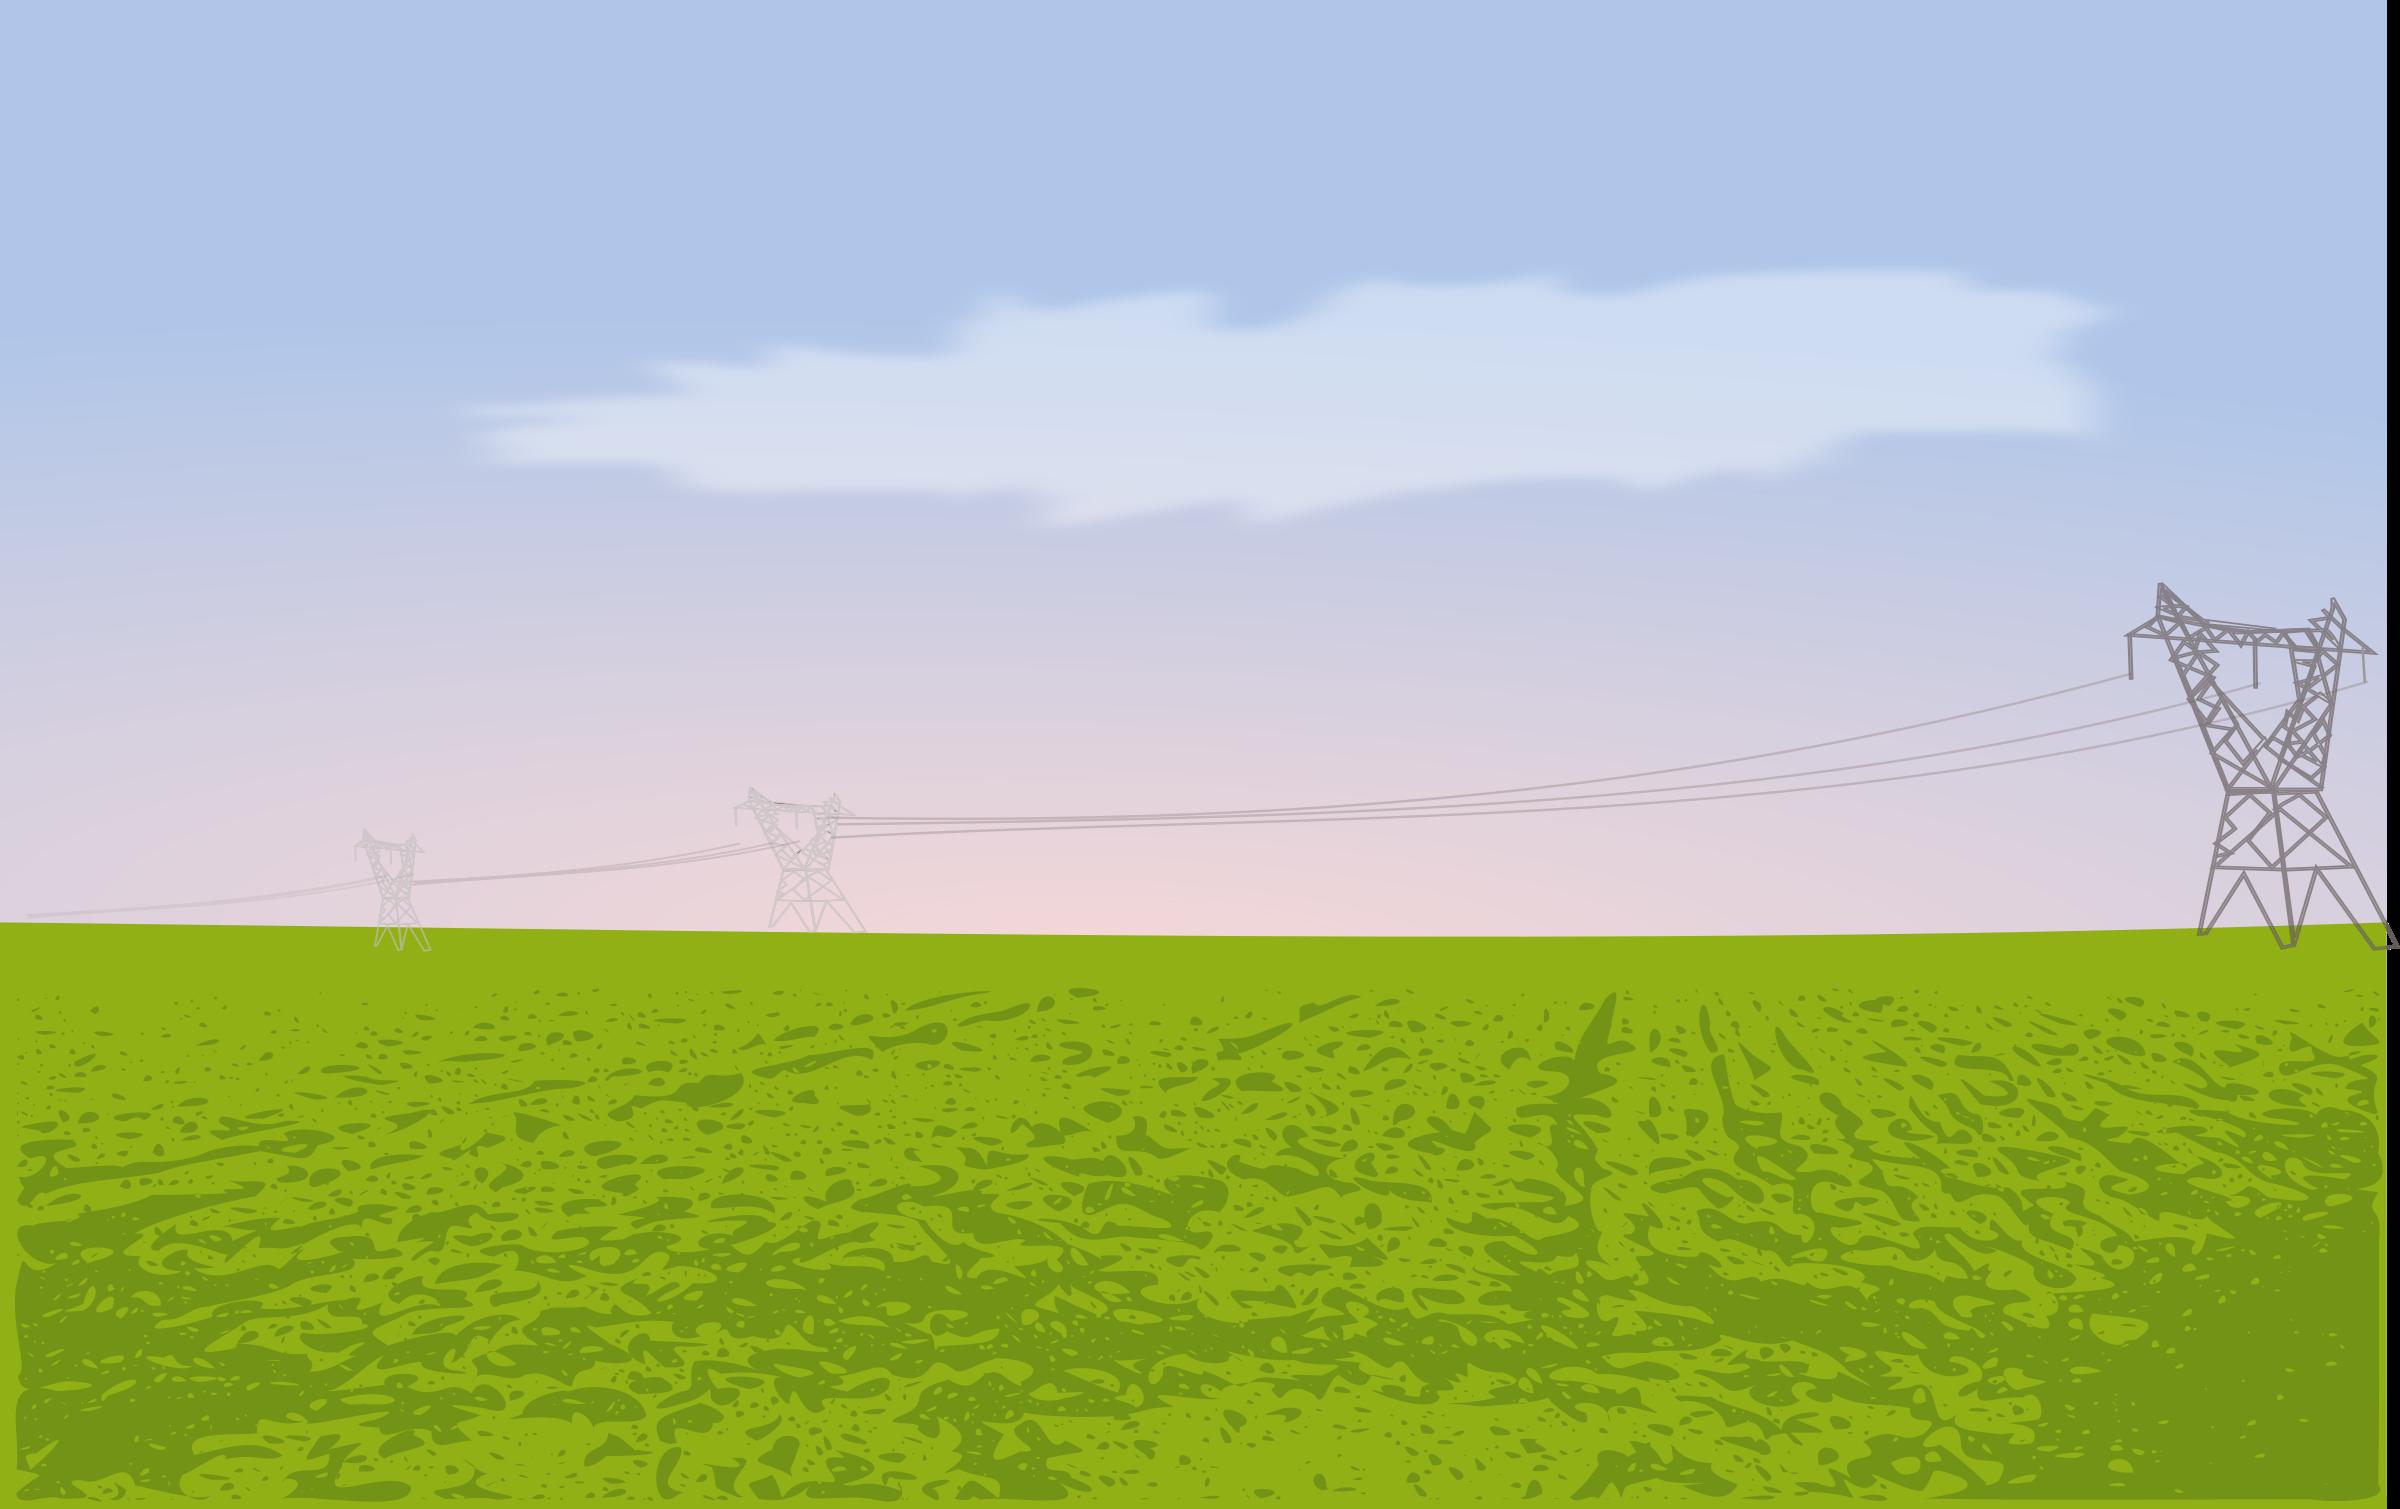 Farm Land Clip Art